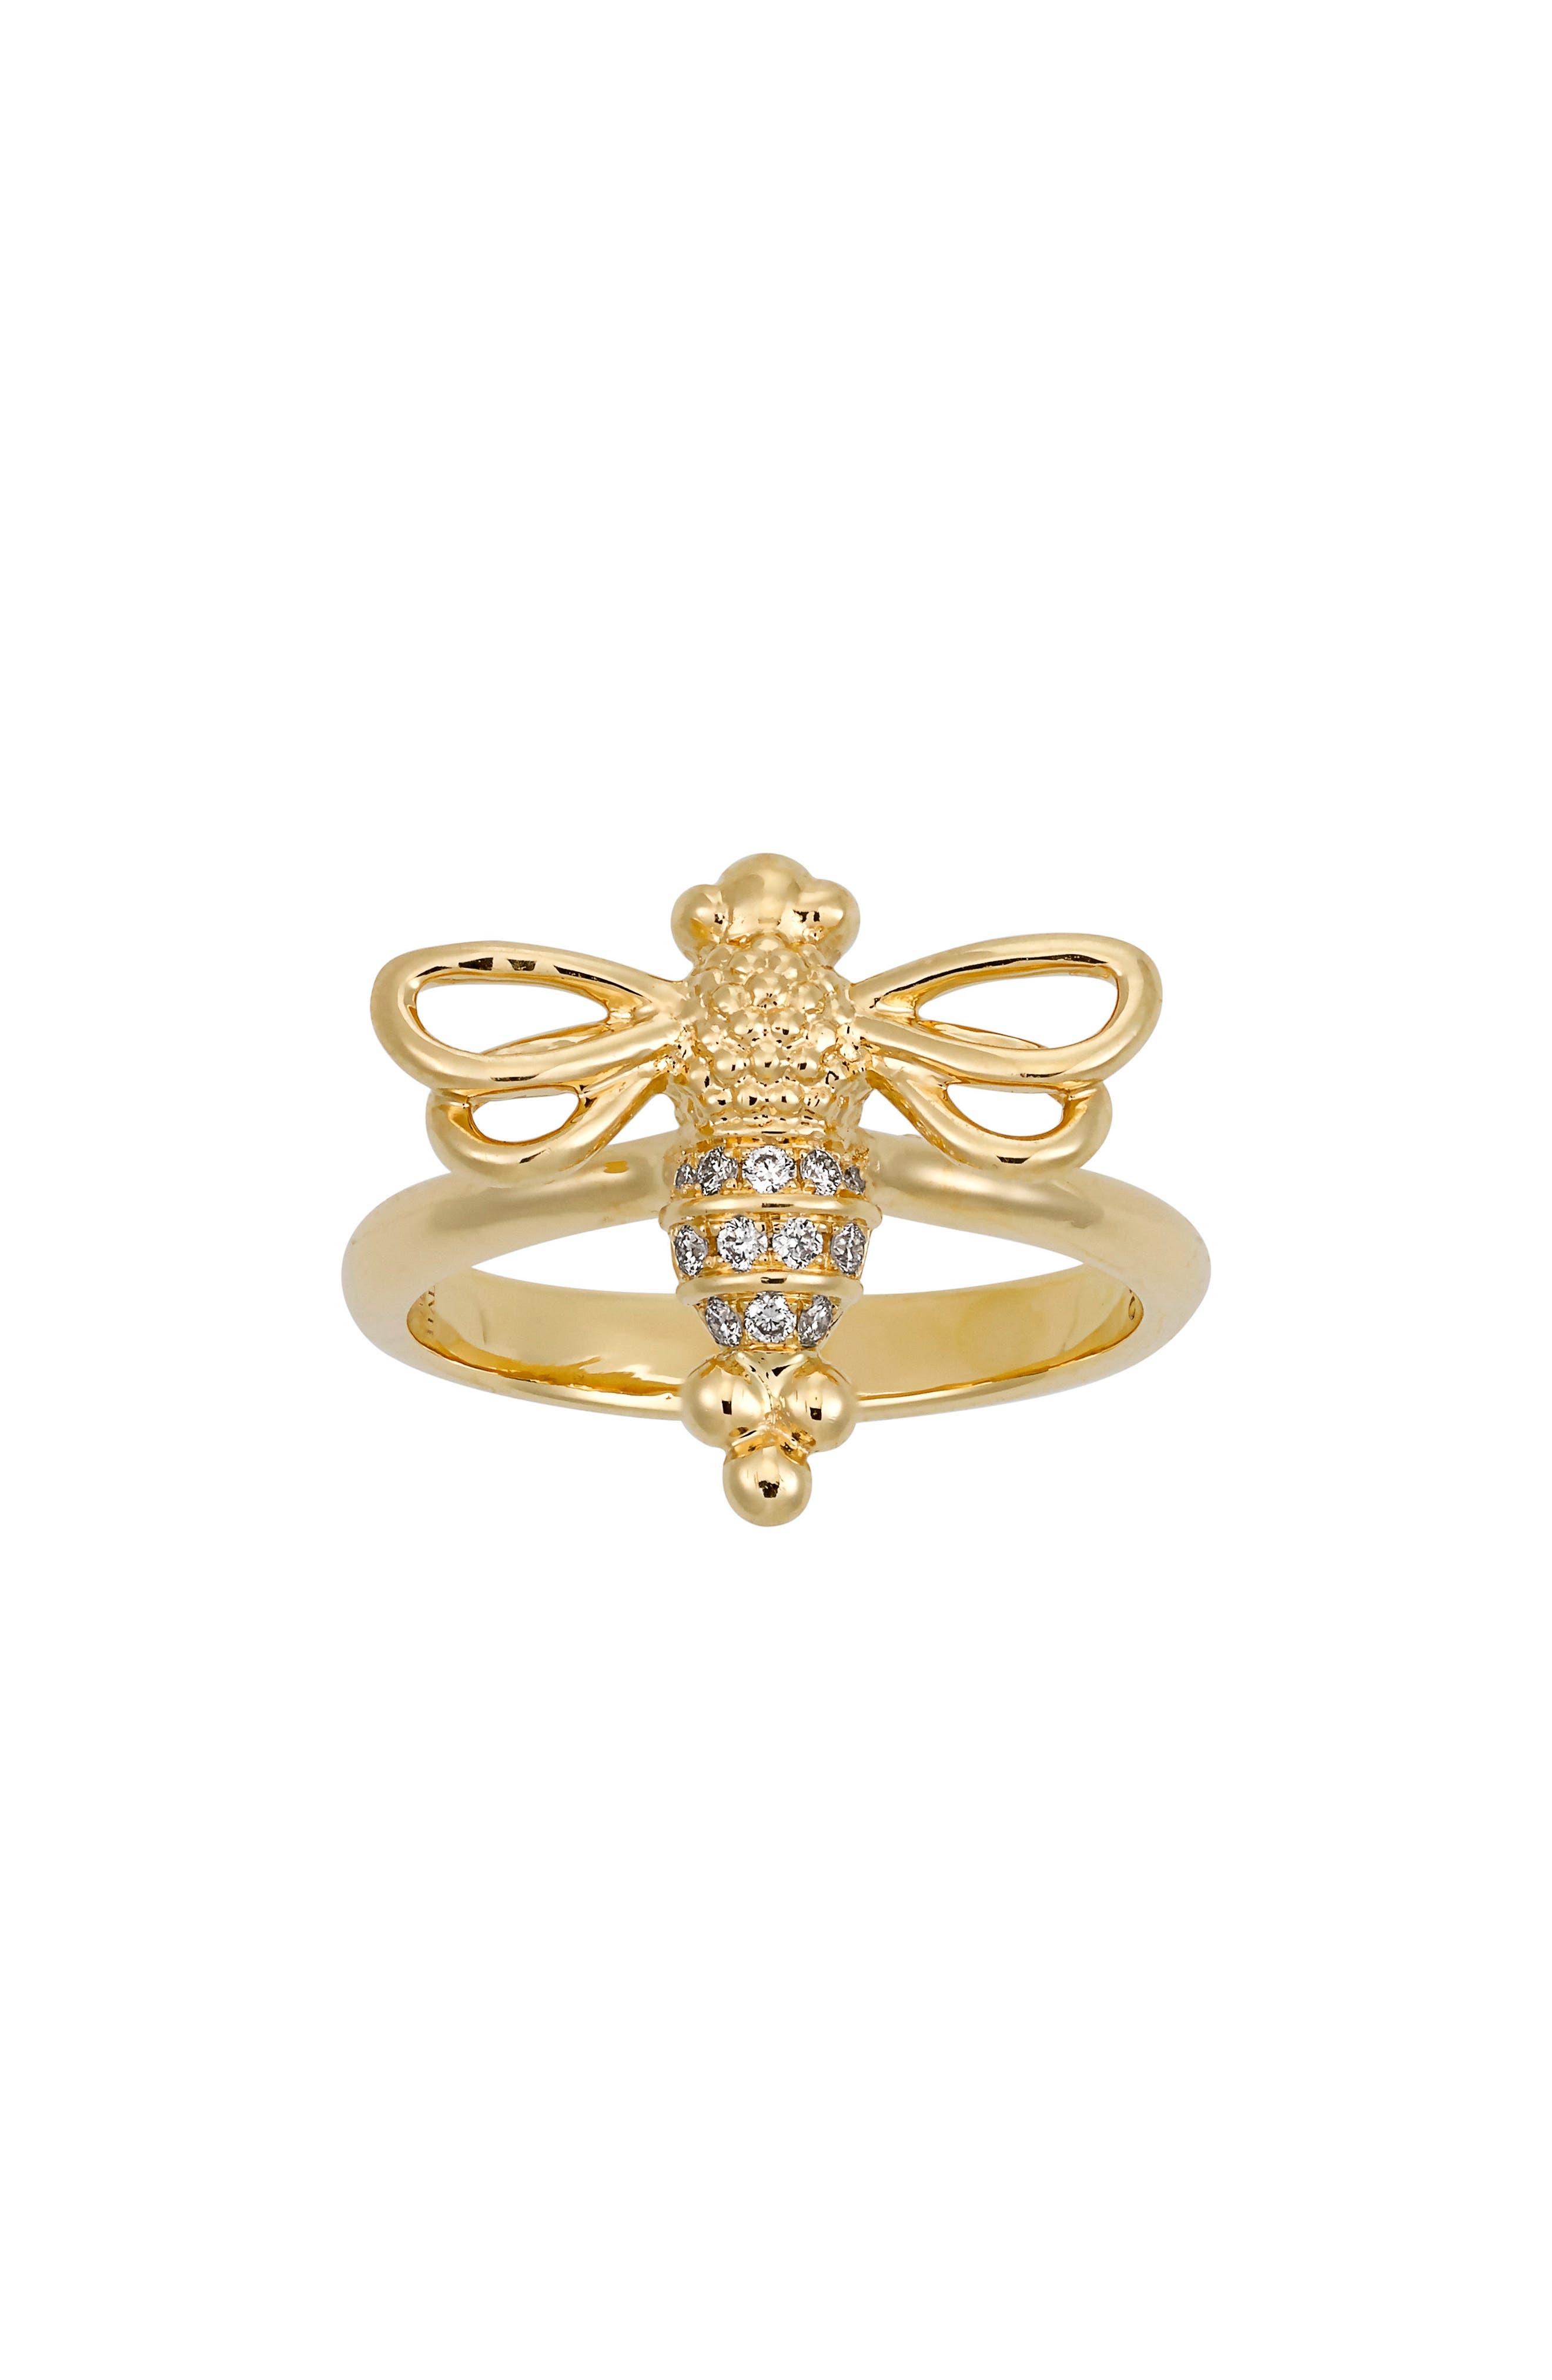 Main Image - Temple St. Clair Diamond Pavé Bee Ring